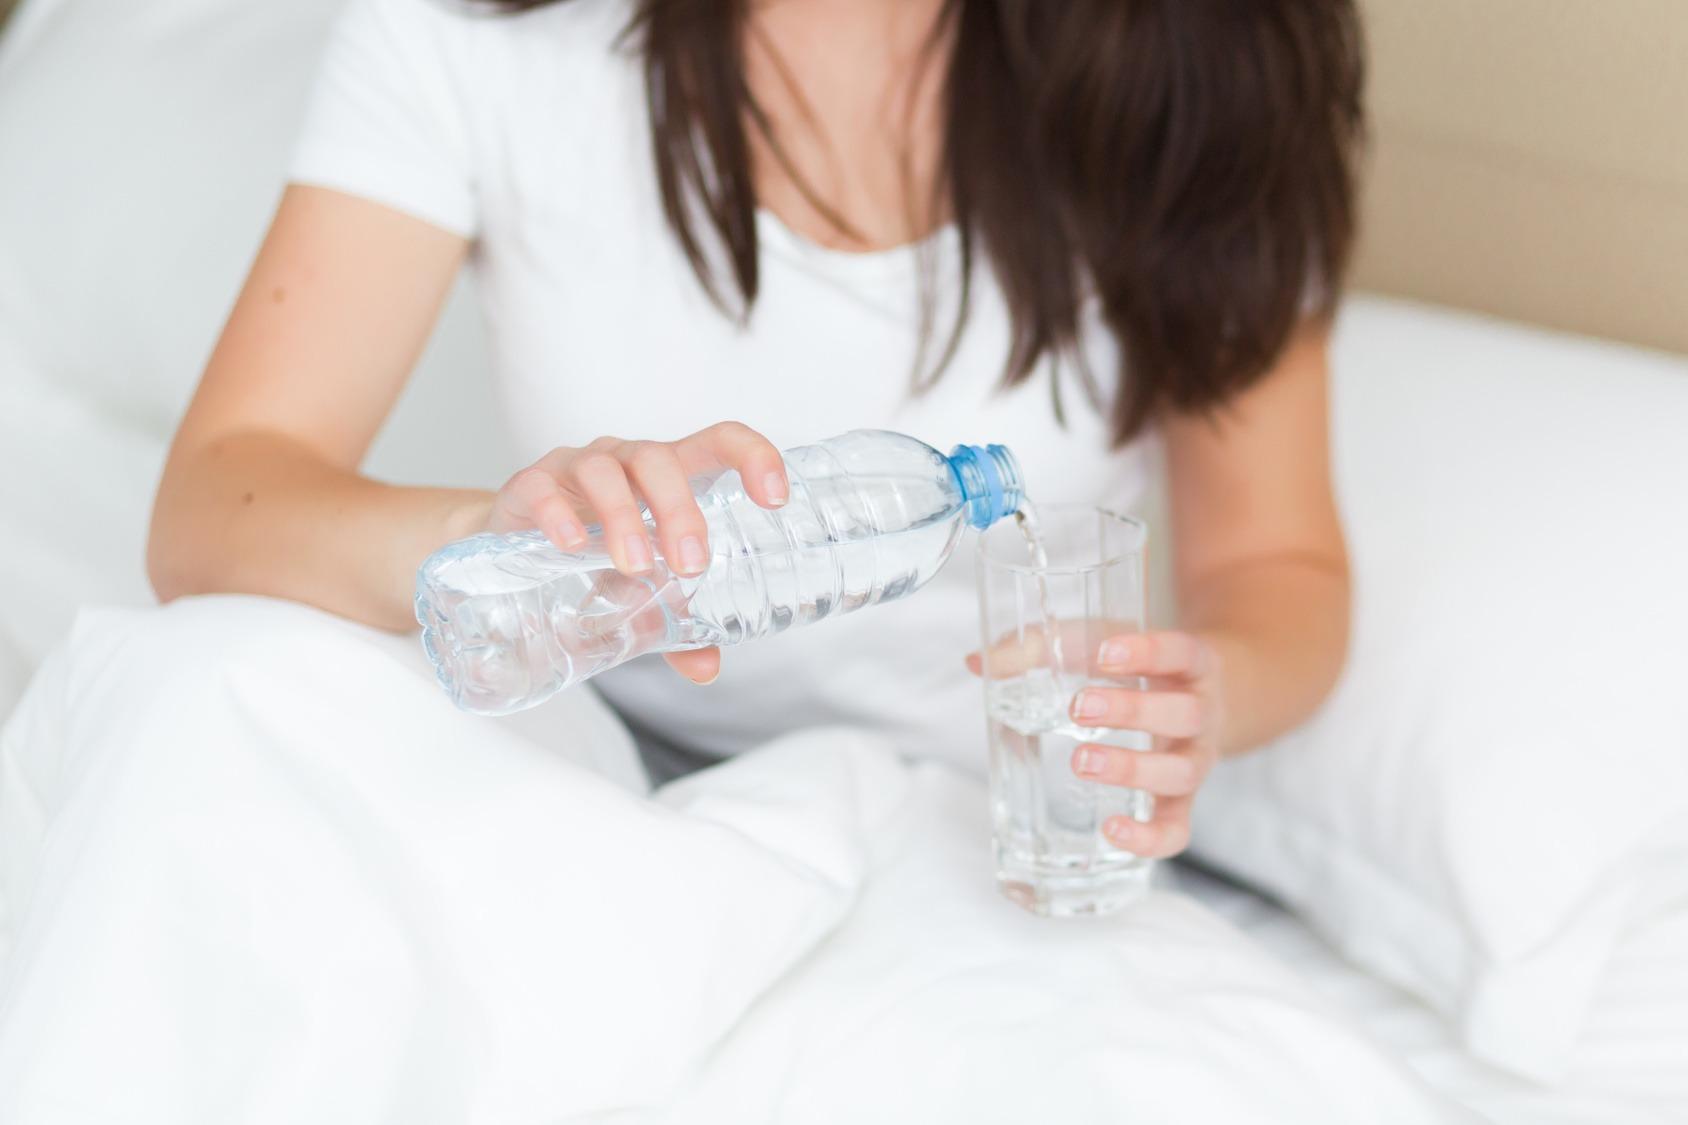 Junge Studentin sitzt nach dem Aufstehen im Bett und schenkt sich ein Glas Wasser ein.